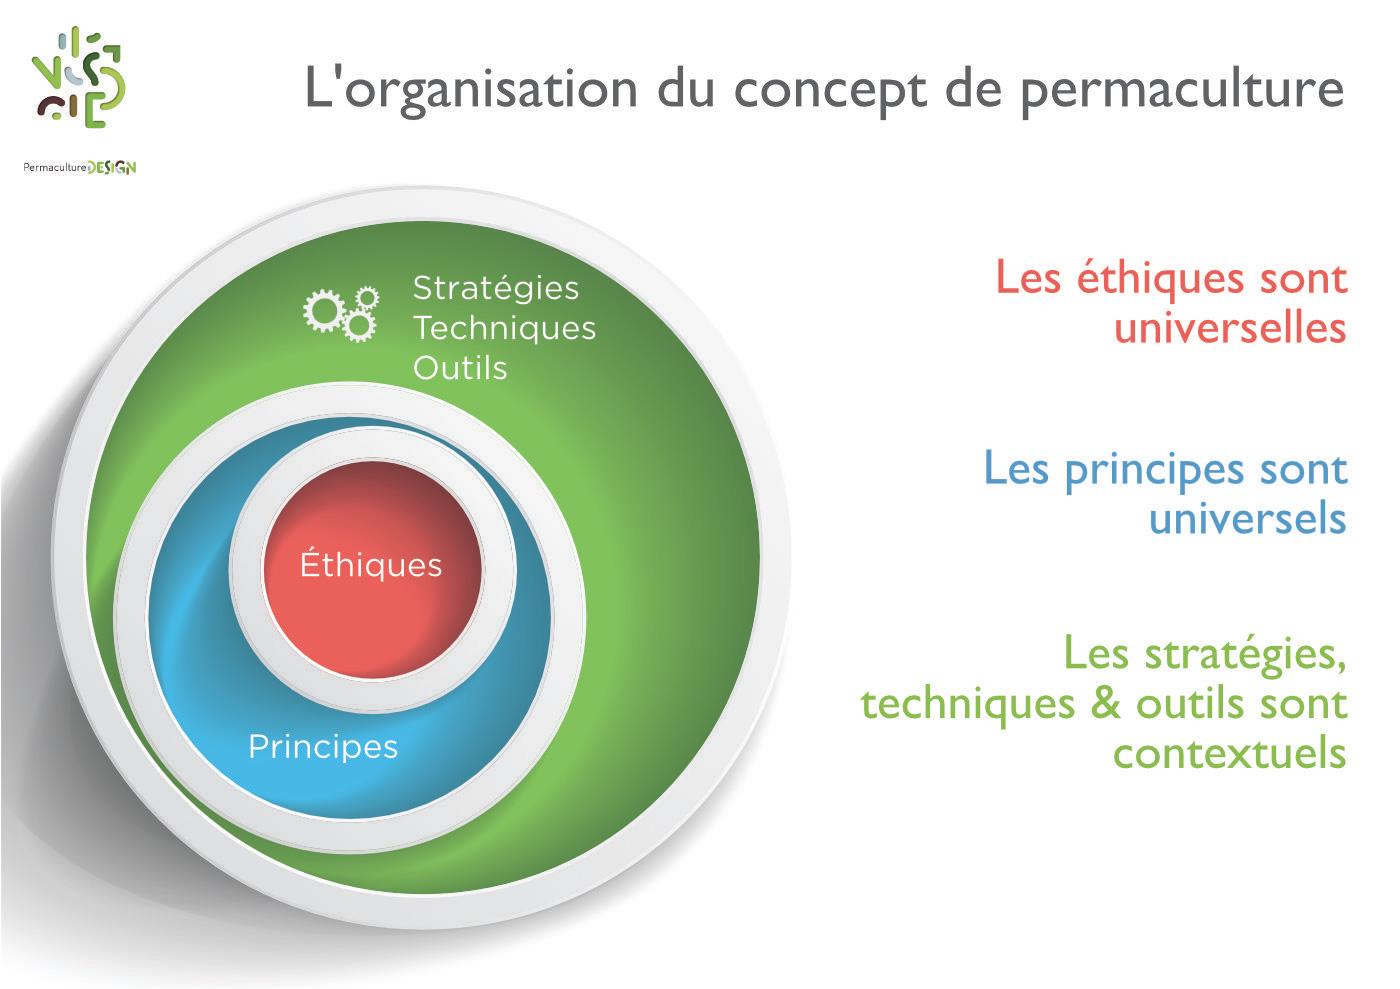 L'organisation du concept de la permaculture